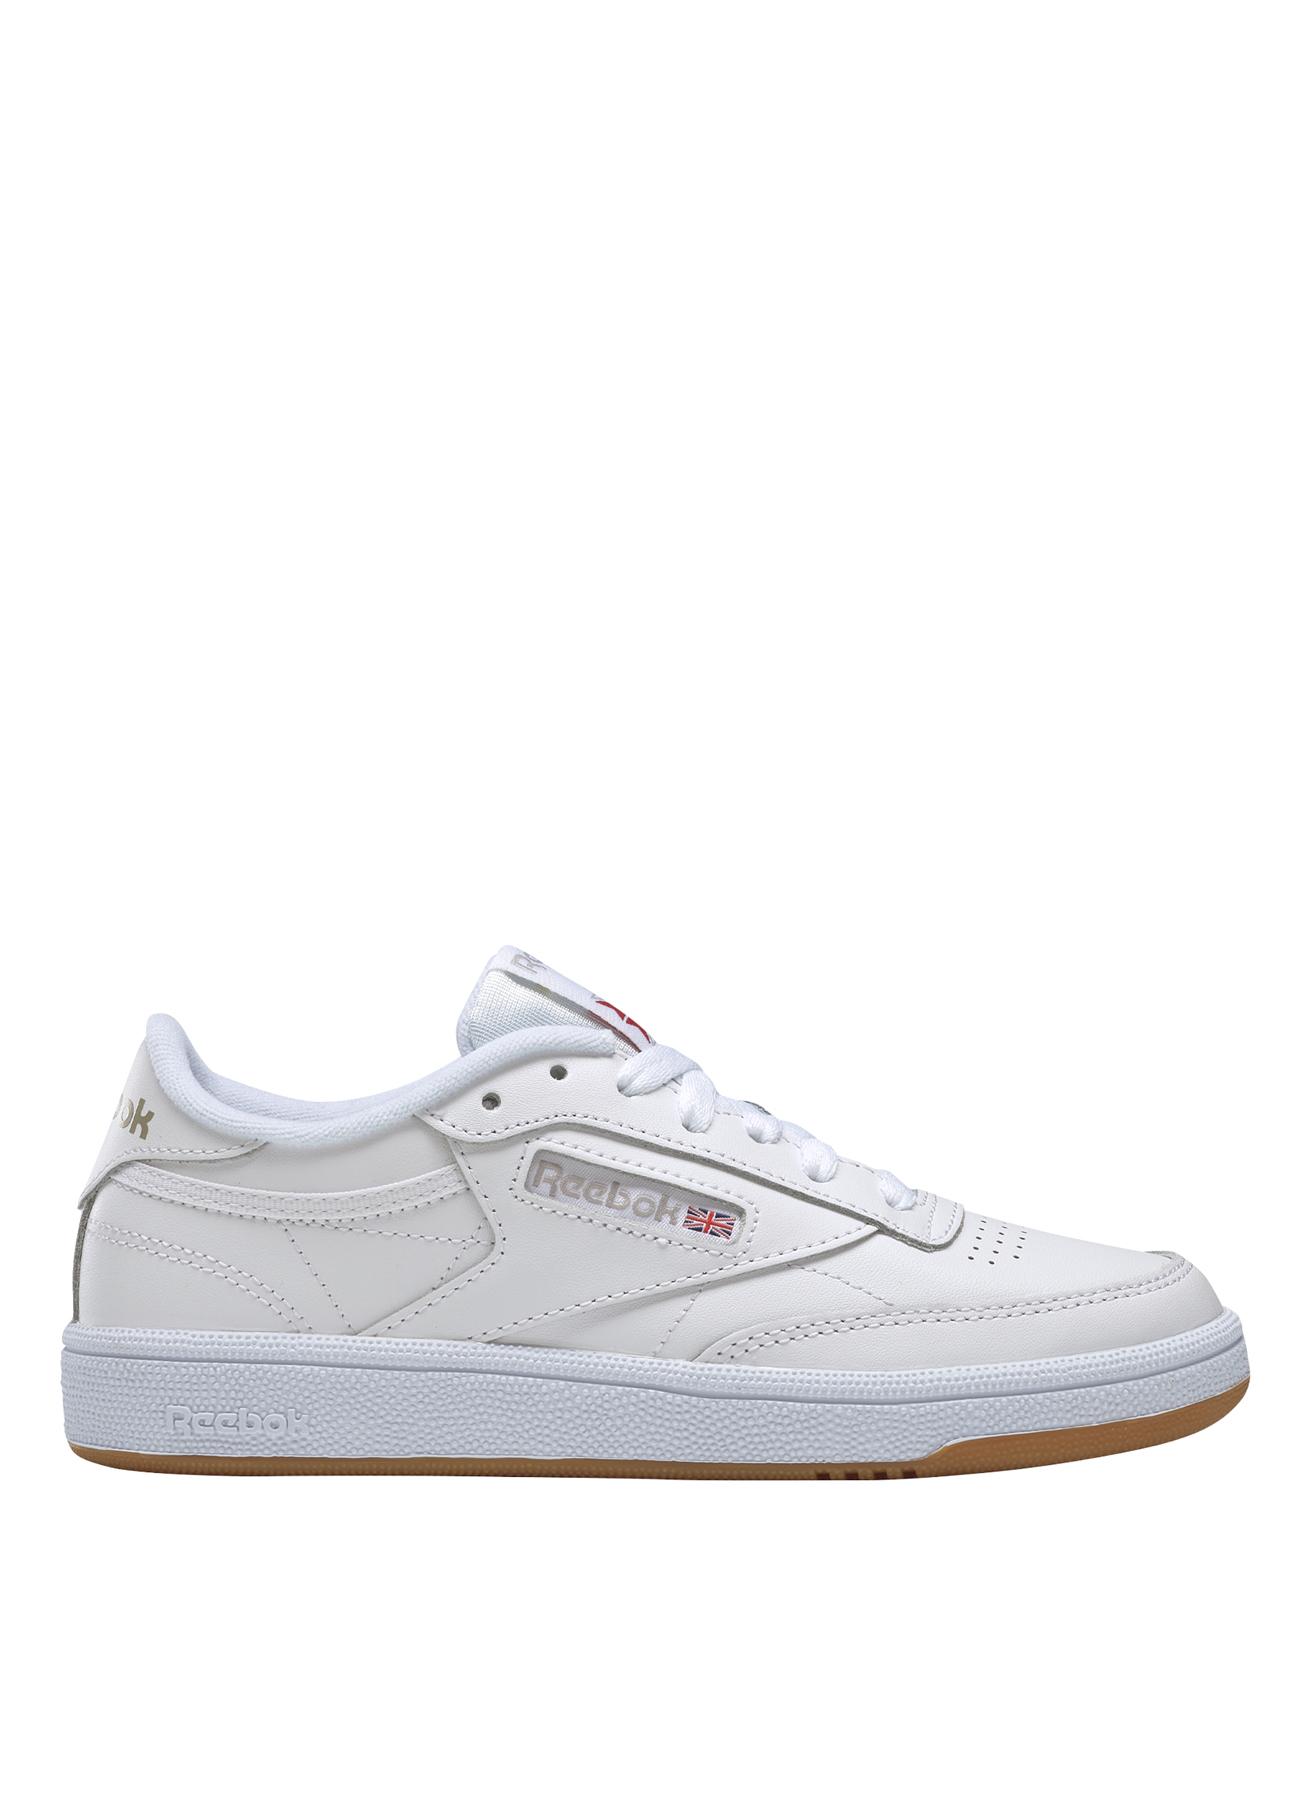 Reebok Club C 85 Lifestyle Ayakkabı 40 5000192571008 Ürün Resmi